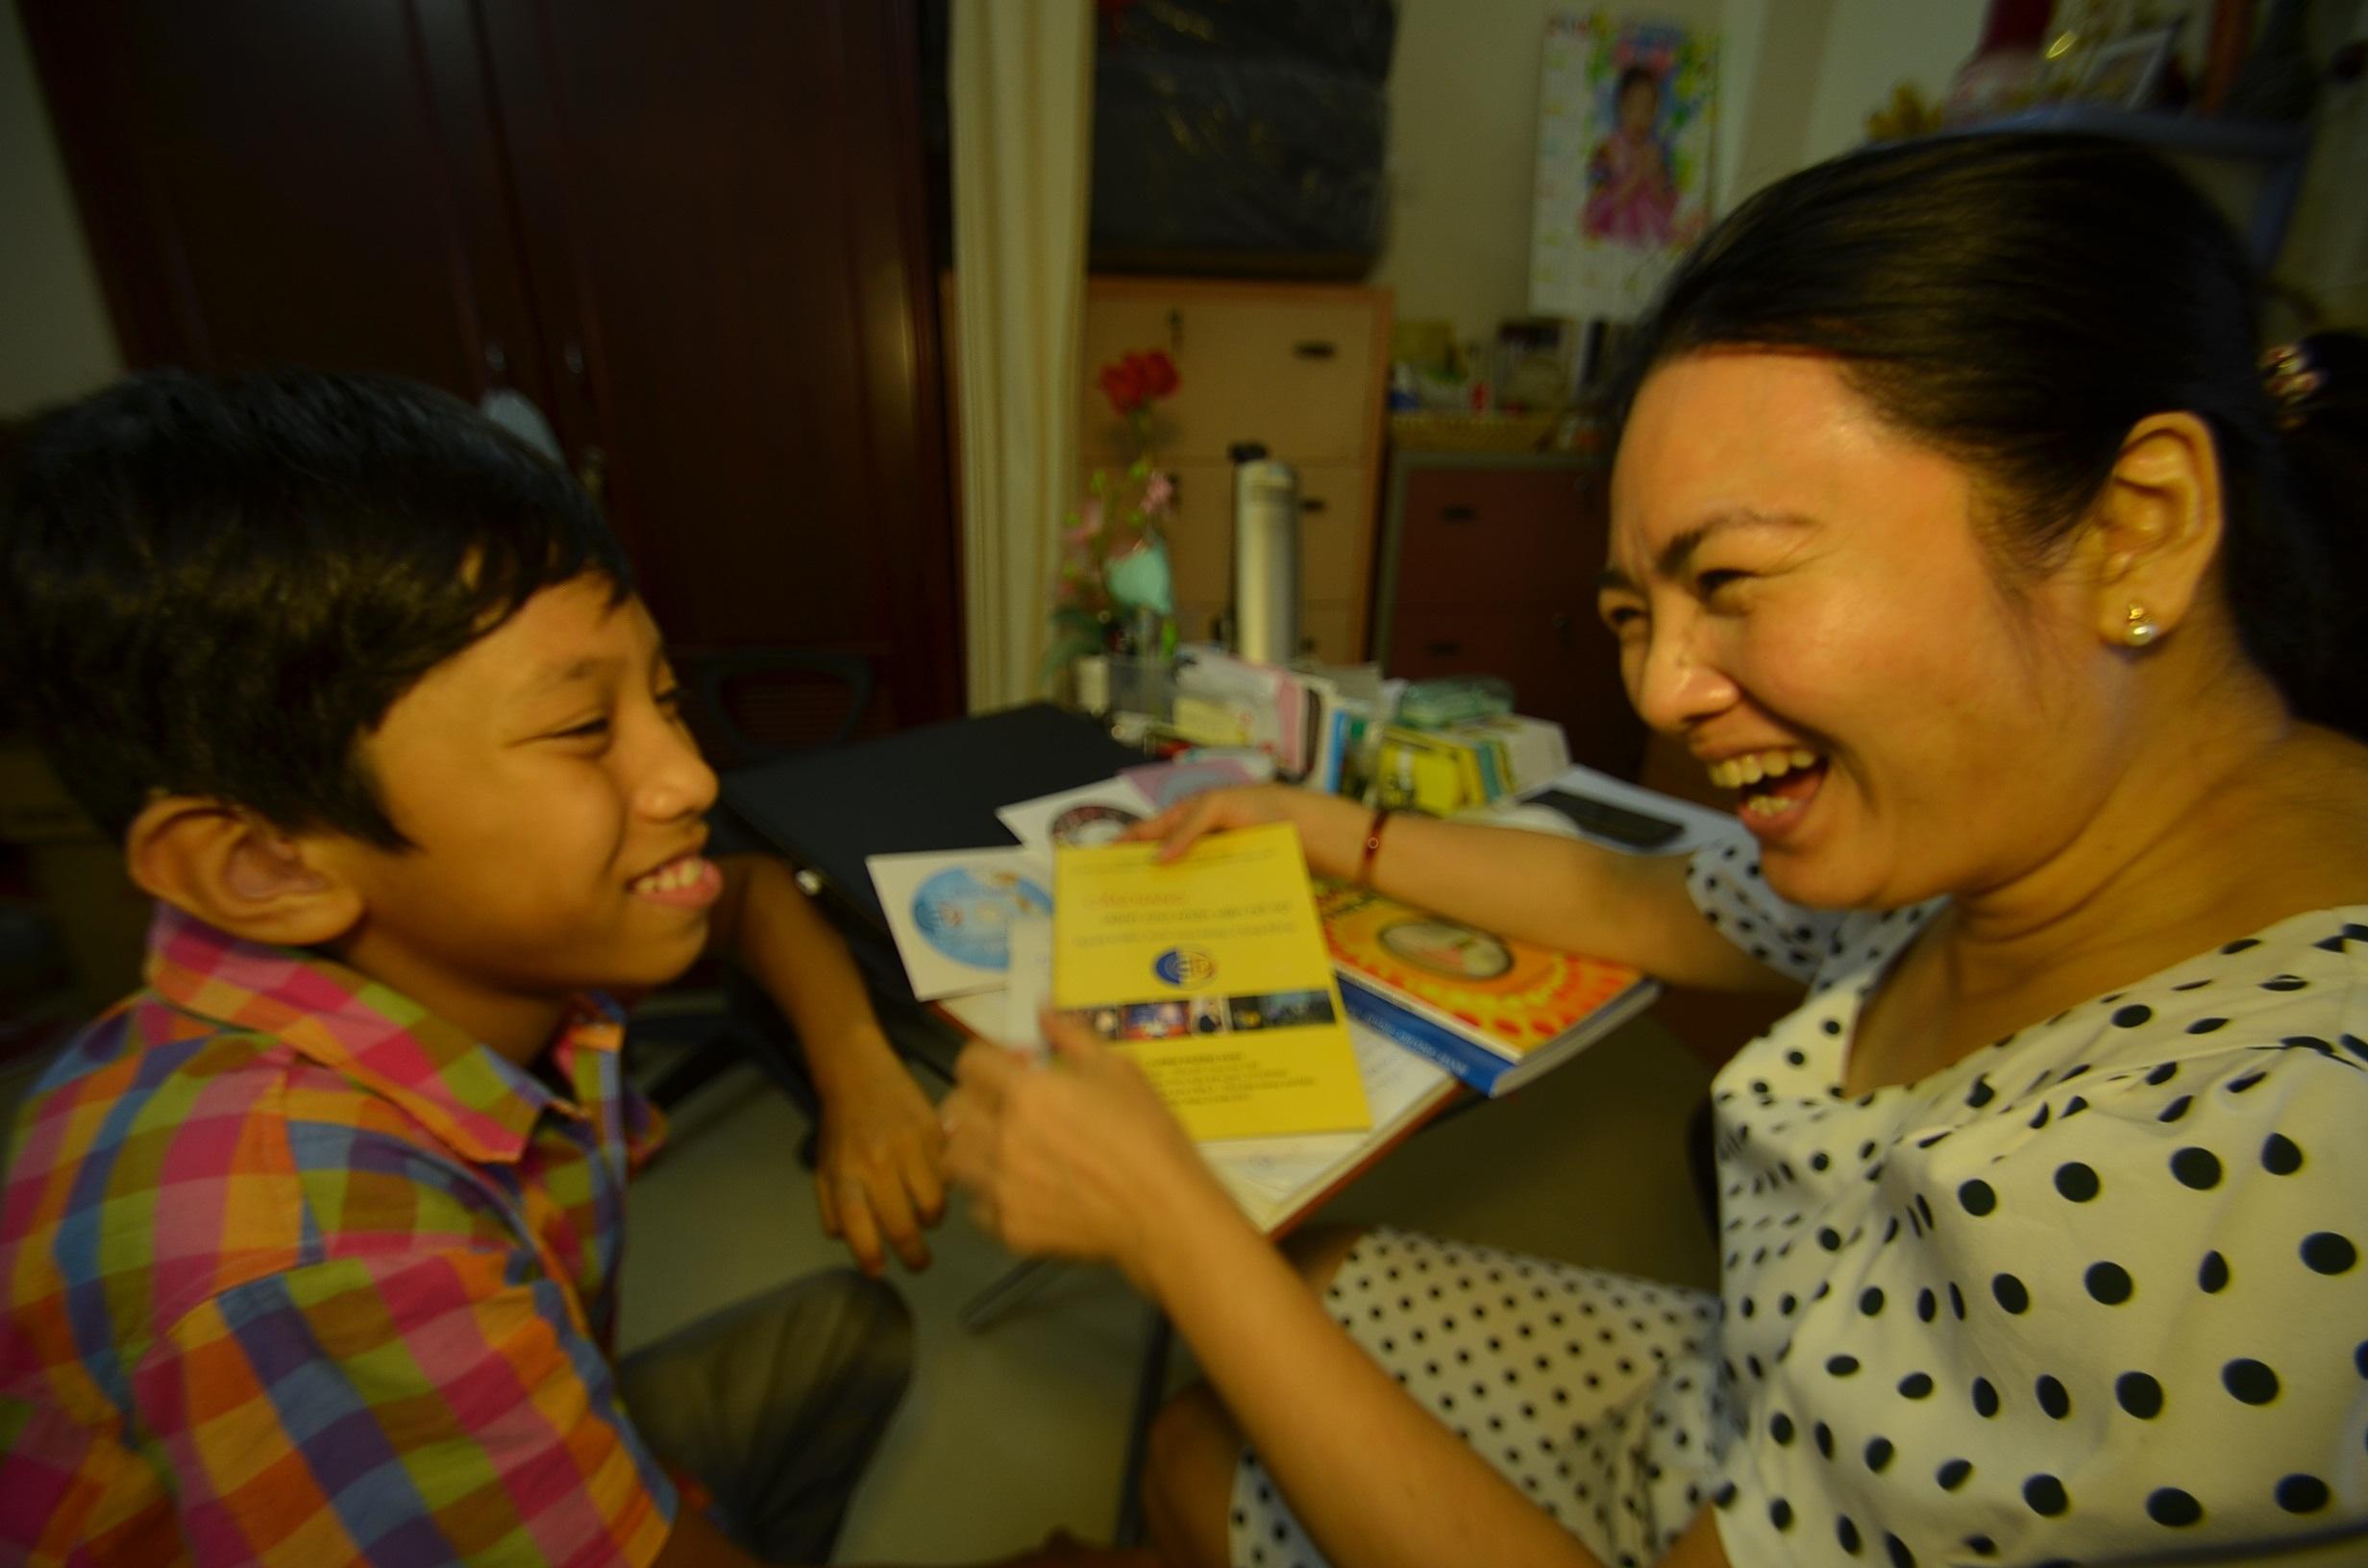 Chị Hạnh bị khiếm thính từ nhỏ nhưng nhờ kiên trì học tập, chị có 2 bằng đại học và là chuyên gia giáo dục hàng đầu hiện nay trong lĩnh vực khiếm thính